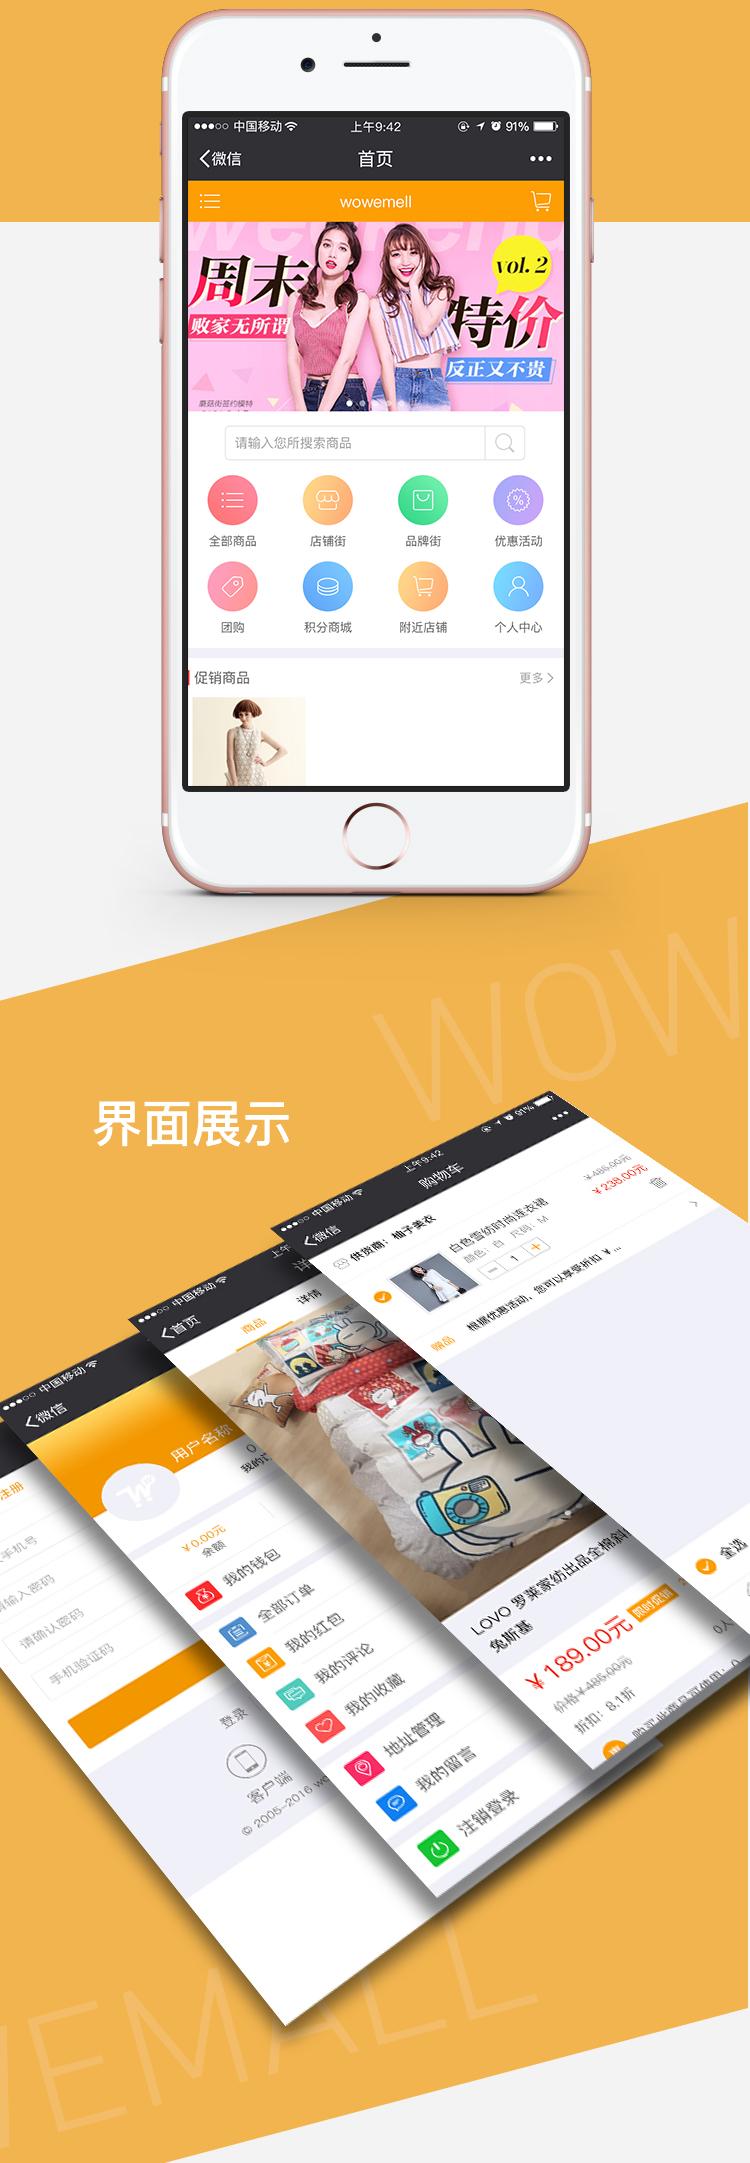 商城app应用